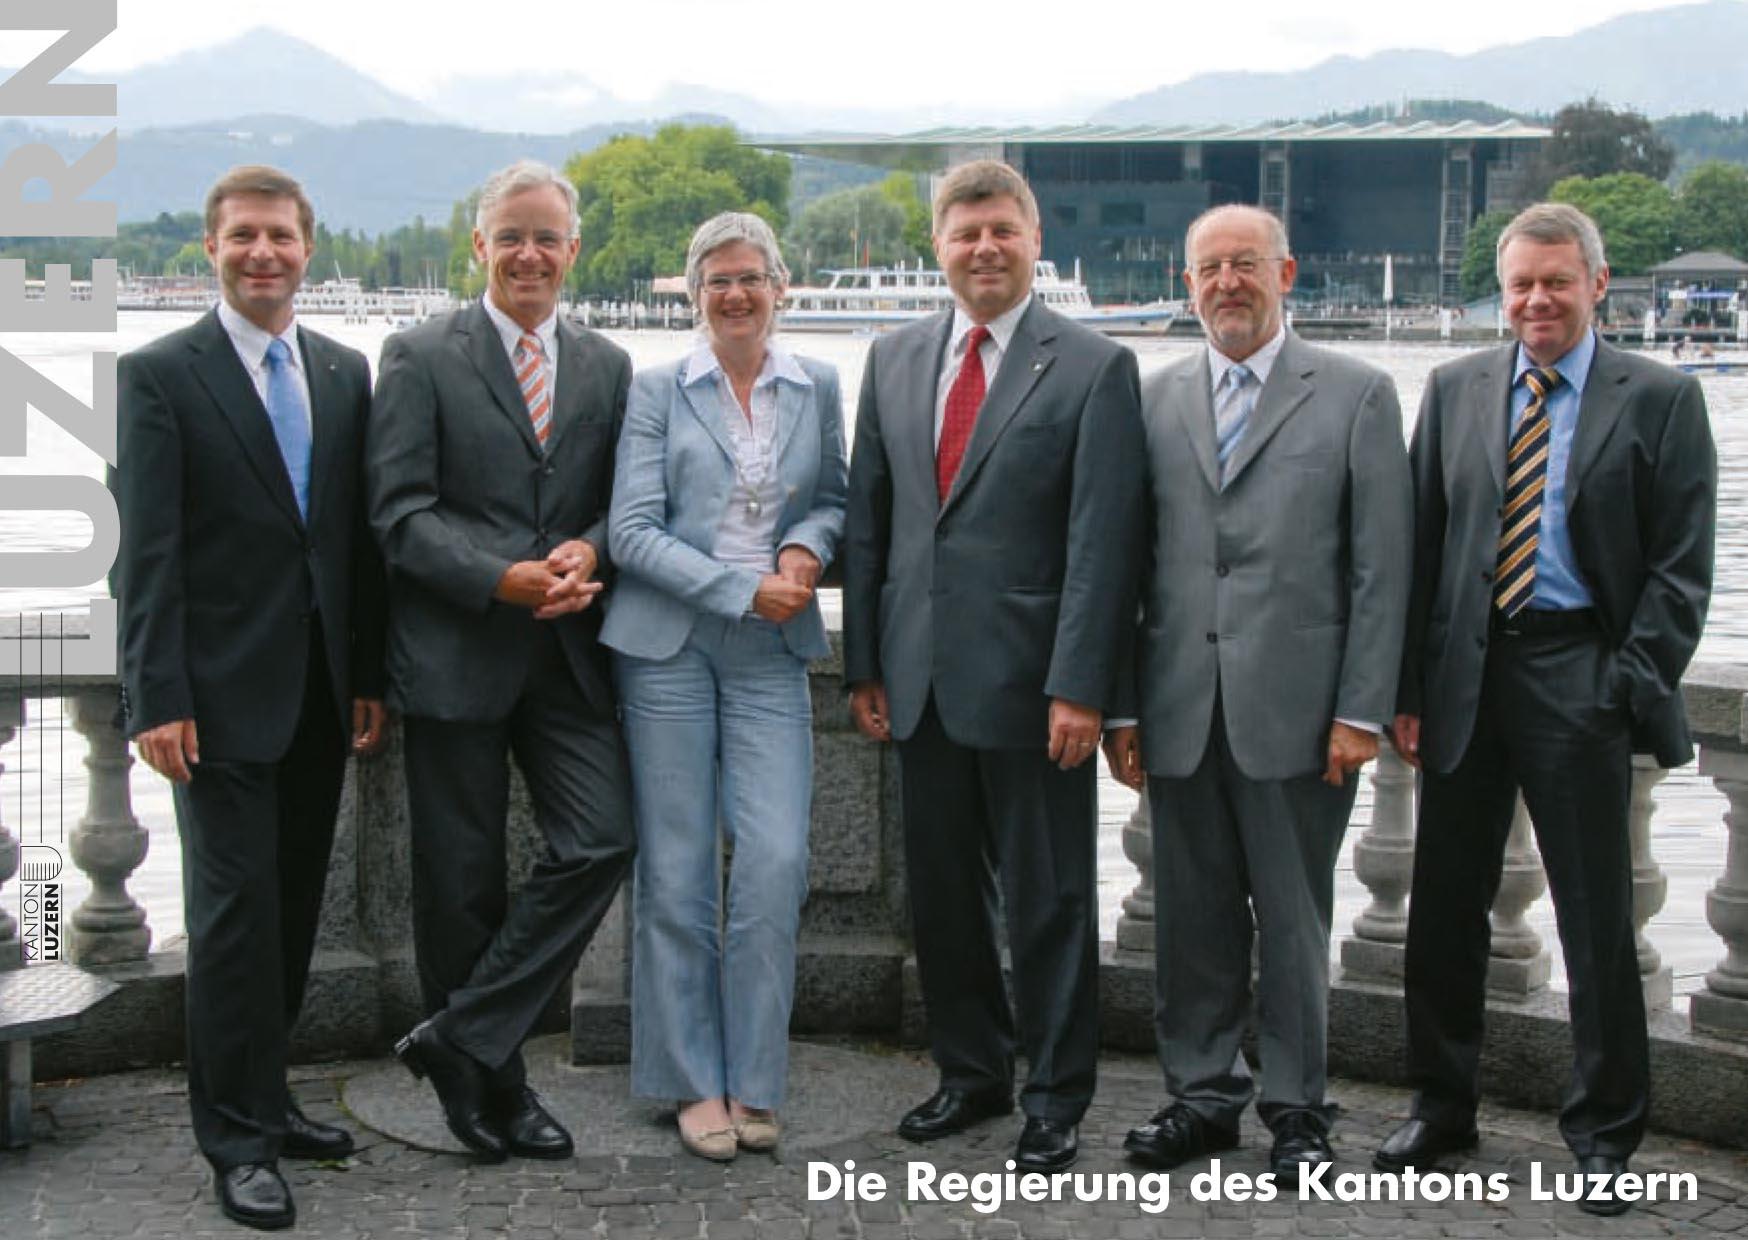 Das Foto 2007/2008: (v.l.) Marcel Schwerzmann (parteilos), Max Pfister (FDP), Yvonne Schärli-Gerig (SP), Markus Dürr (CVP), Anton Schwingruber (CVP), rechts Staatsschreiber Viktor Baumeler.